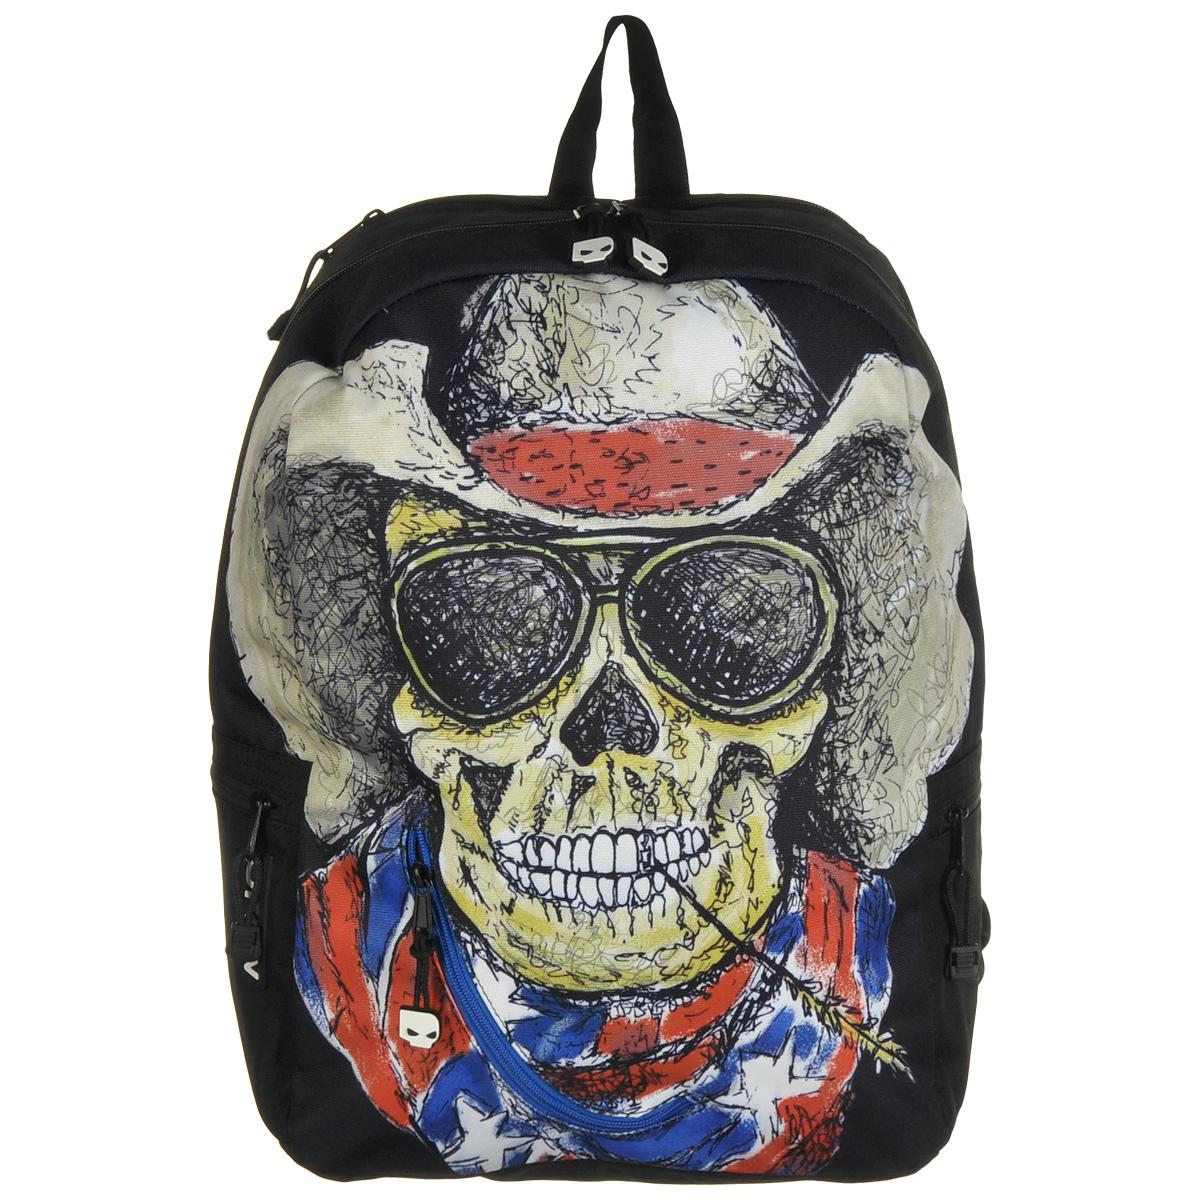 Рюкзак городской Mojo Pax Cowboy Skull, 20 лKZ9983493Городской рюкзак Mojo Pax Cowboy Skull подходит для тех, кто привык шокировать и выделяться из толпы. Идеальный вариант для школьников и студентов. Рюкзак выполнен из плотного полиэстера с оригинальным рисунком, материал изделия устойчив к воздействию влаги и не выгорает. Модель очень вместительная и функциональная: в основной отсек, закрывающийся на застежку-молнию, вместятся тетрадки, учебники и другие вещи. Также имеется специальное отделение для планшета, с мягкими стенками для защиты гаджета от повреждений. Снаружи расположено 3 кармашка на молнии для мелочей. Рюкзак имеет уплотненную спинку и мягкие широкие лямки регулируемой длины, а также петлю для переноски в руке. Смелость, независимость и чувство юмора - вот что ценит современный городской одинокий рейнджер. Даже рюкзак, в котором он носит все нужное, притягивает взгляды и вызывает восхищенную улыбку! Этот улыбающийся череп в ковбойской шляпе, солнечных очках и с колоском в зубах такой обаятельный и...